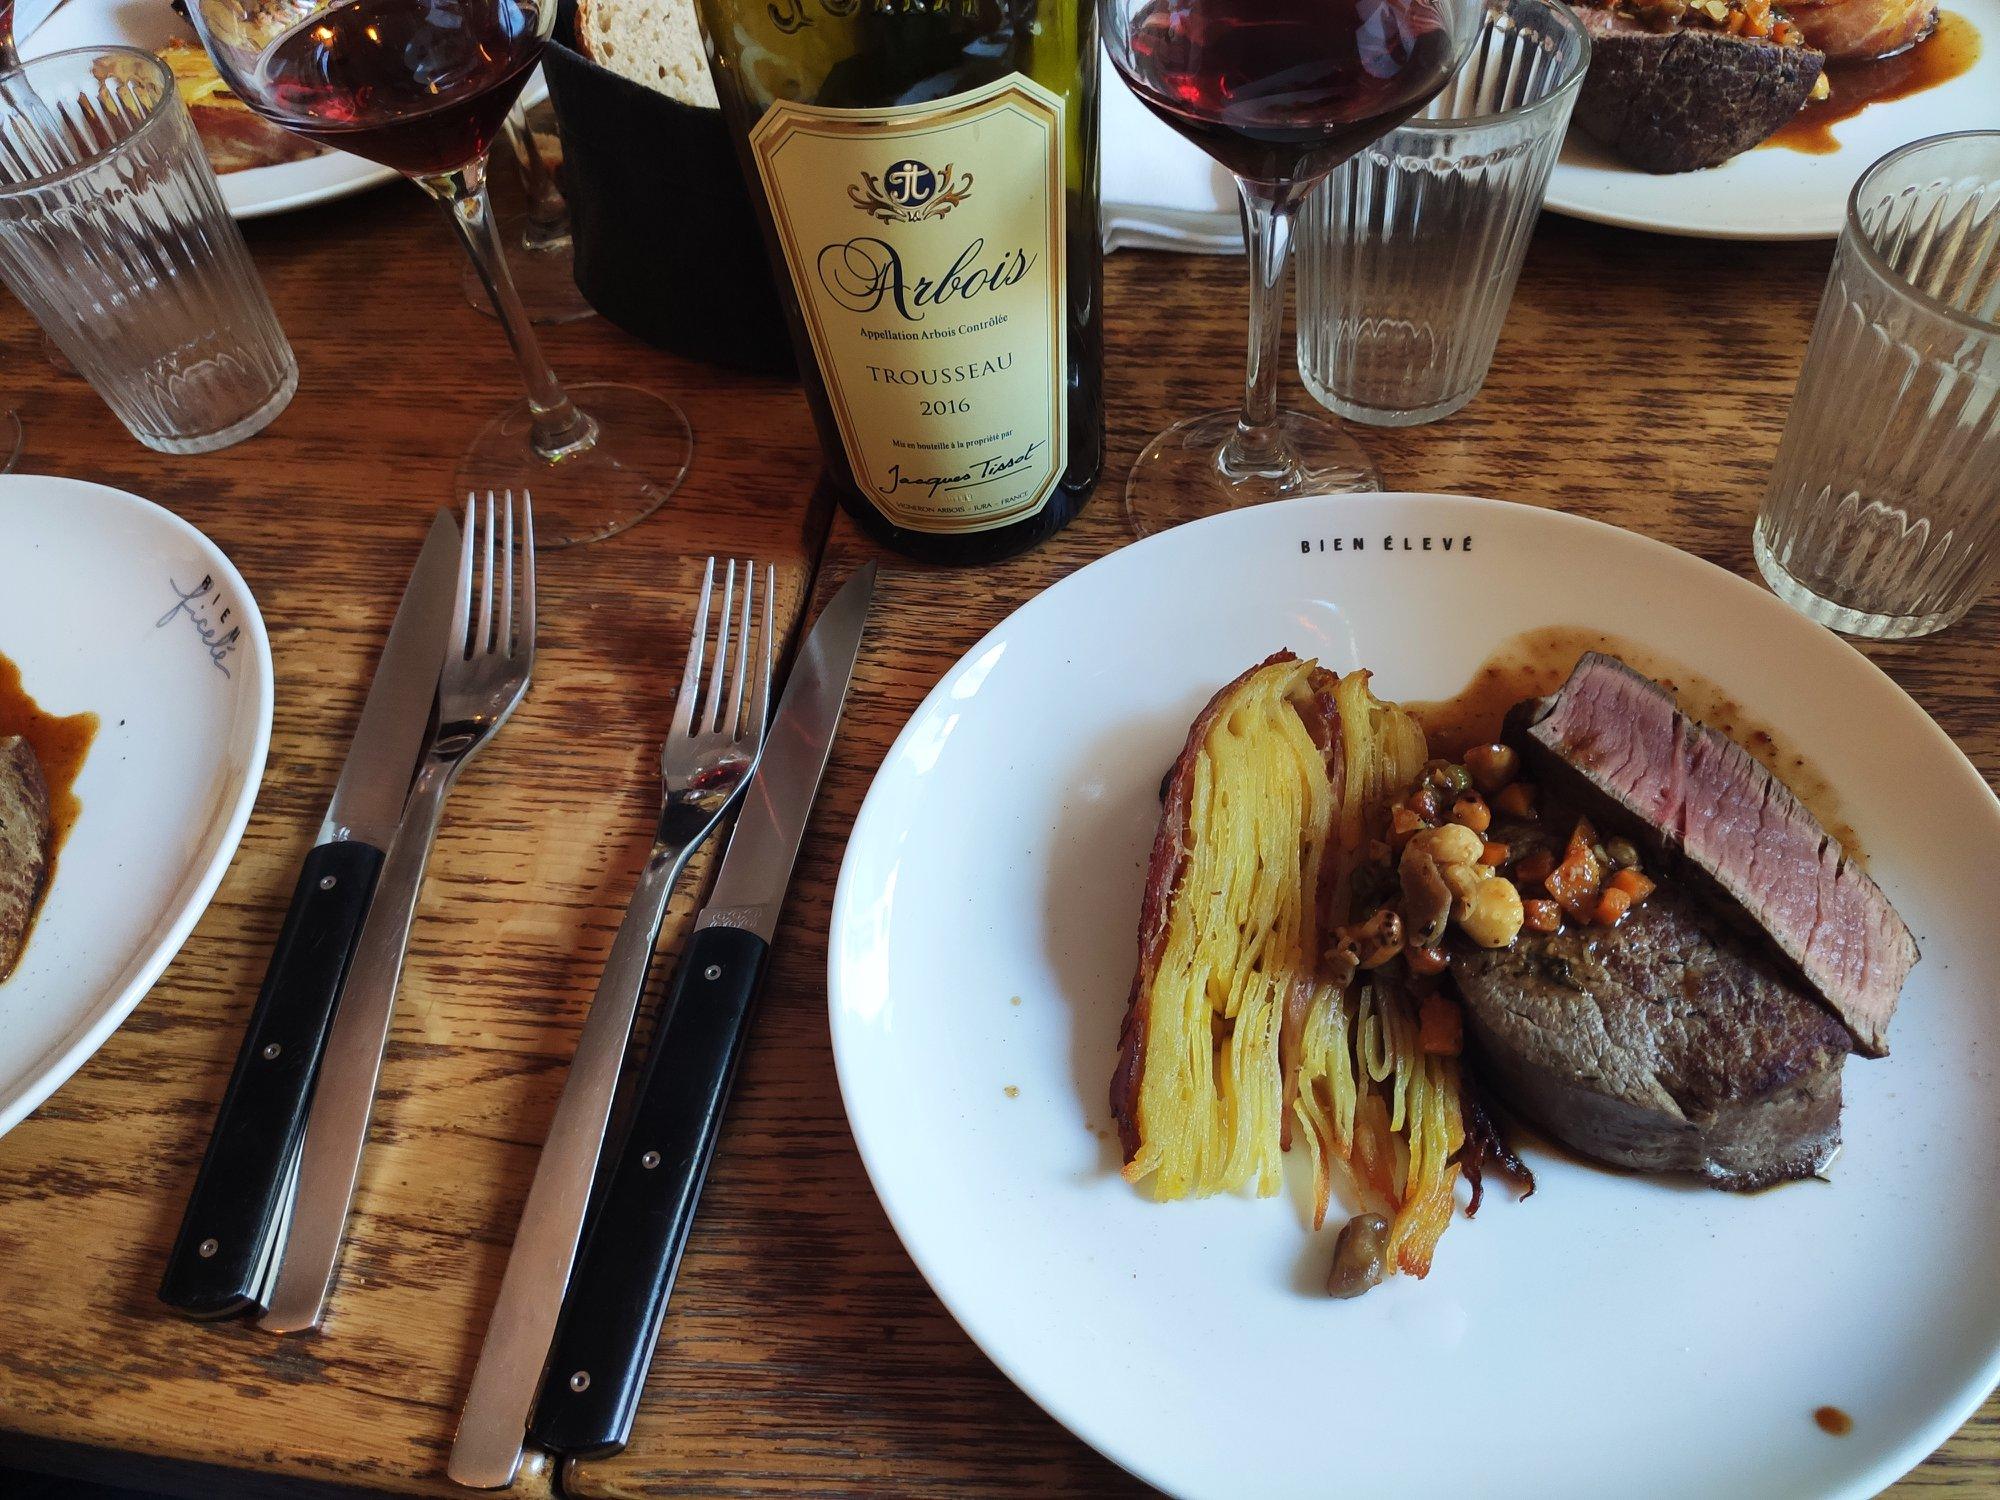 Filet de bœuf, des pommes de terre ainsi qu'un jus de bœuf réduit - Restaurant Bien élevé à Paris